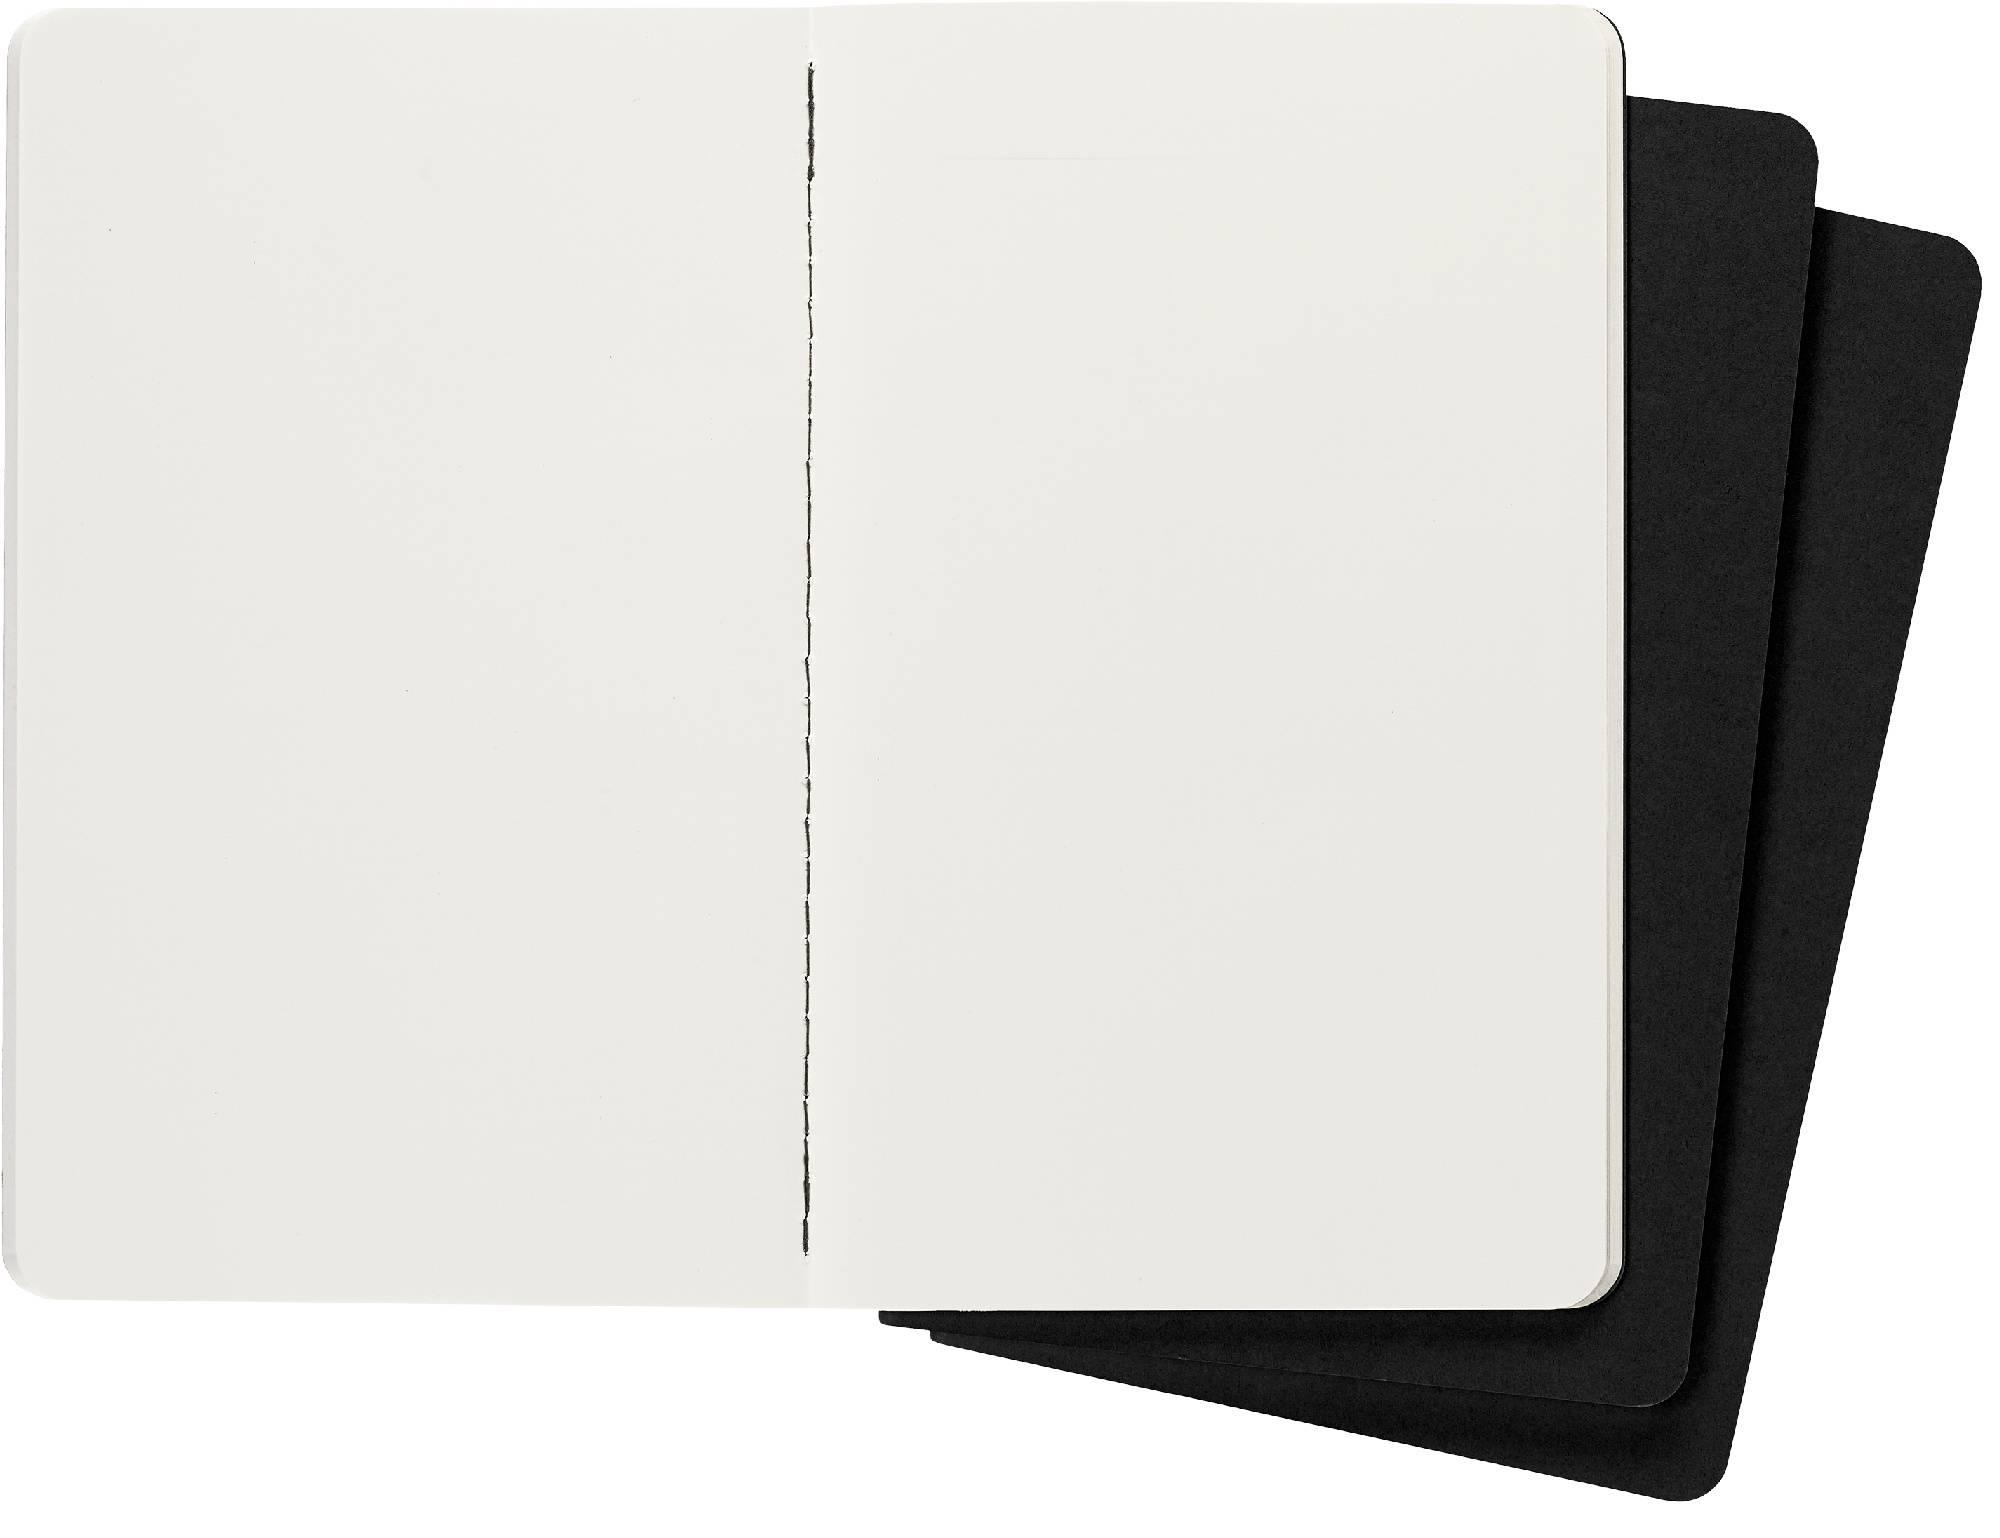 Блокнот Moleskine CAHIER JOURNAL 130х210мм обложка картон 80стр. нелинованный черный (3шт) - фото 3